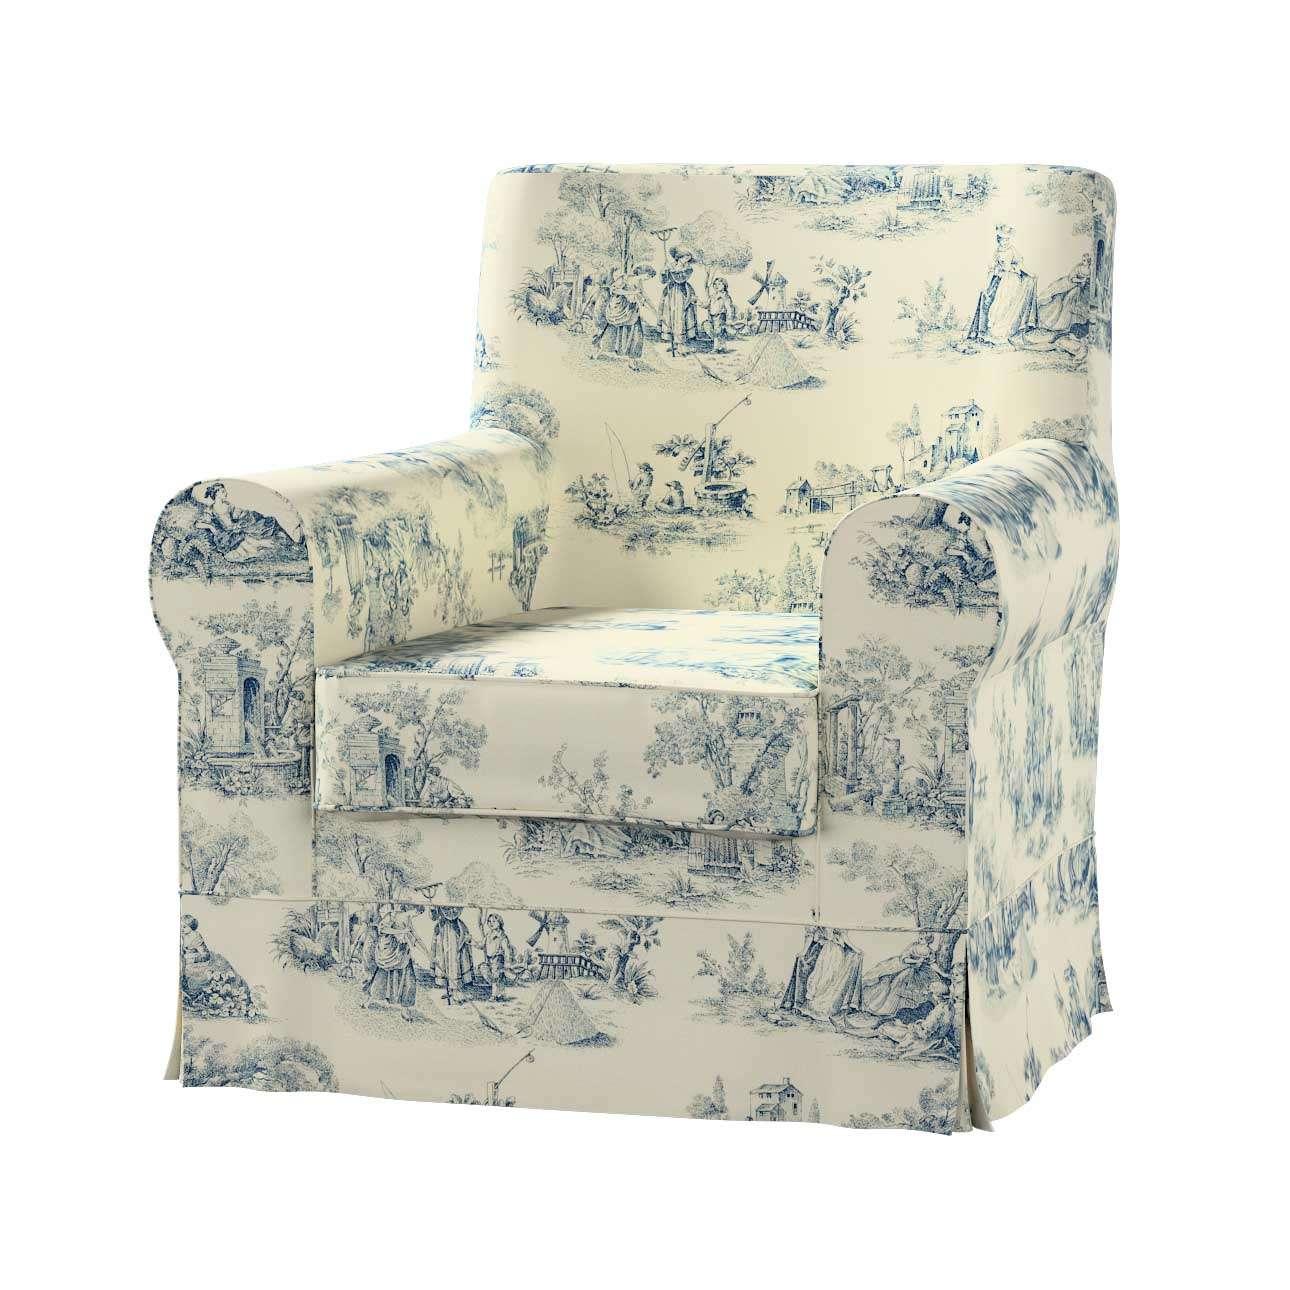 EKTORP JENNYLUND fotelio užvalkalas Ektorp Jennylund fotelio užvalkalas kolekcijoje Avinon, audinys: 132-66